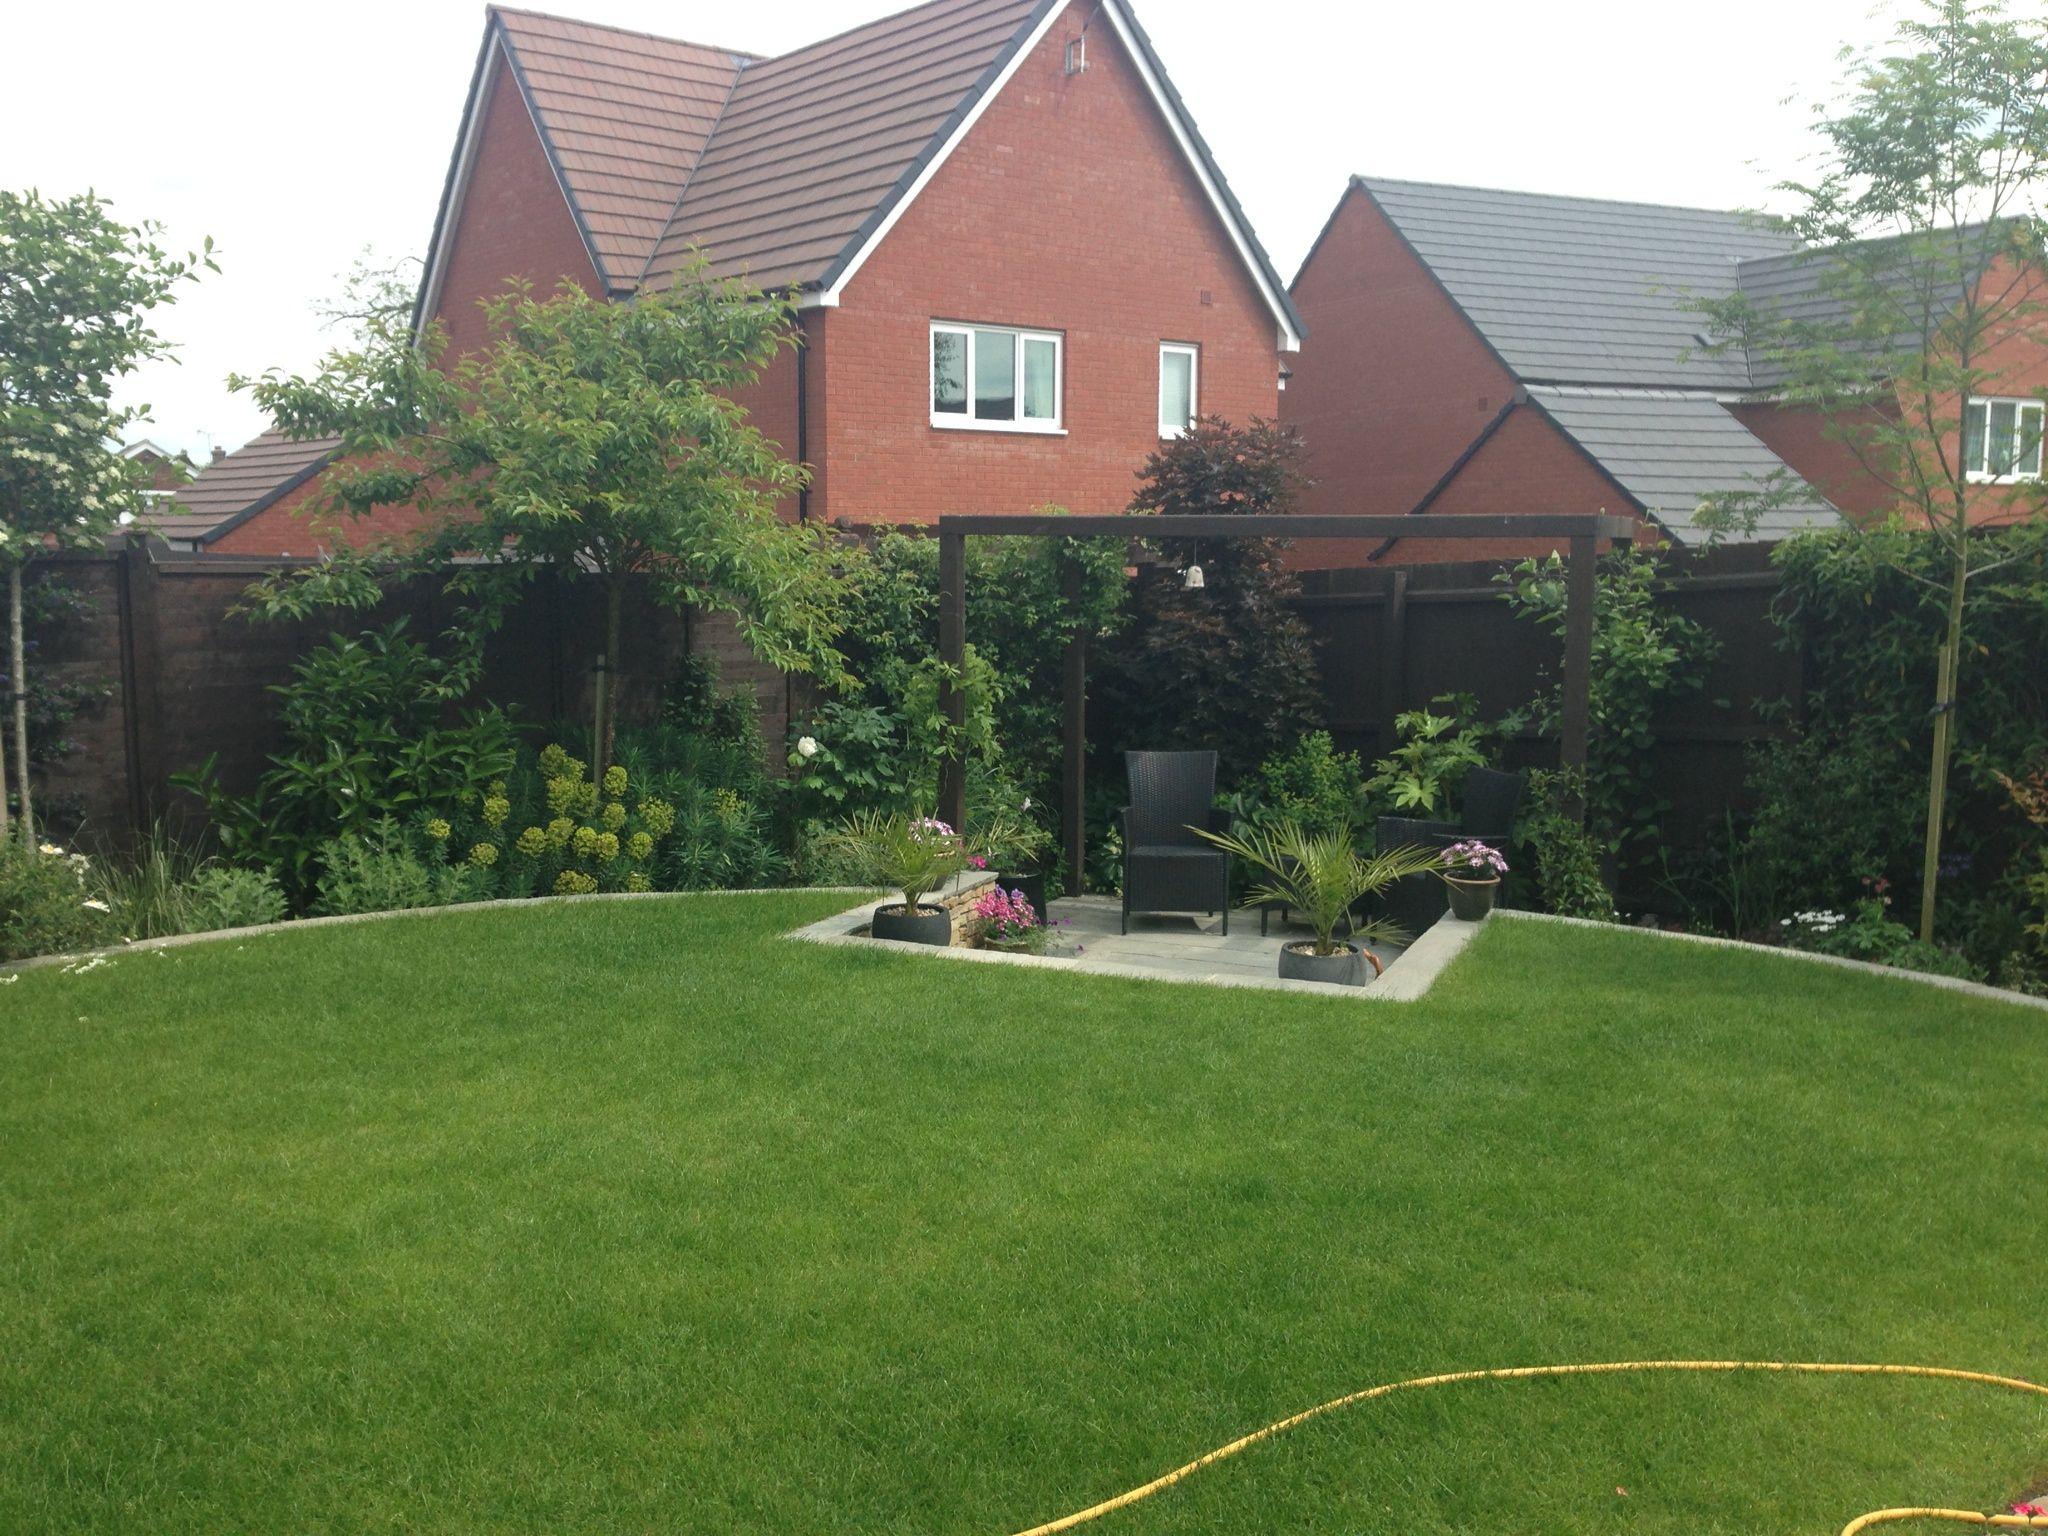 Goscote Design Practice Small Garden New Build Overlooked Garden Edged Lawn Small Patio Pergola Garden Oasis House Styles Design Home Decor